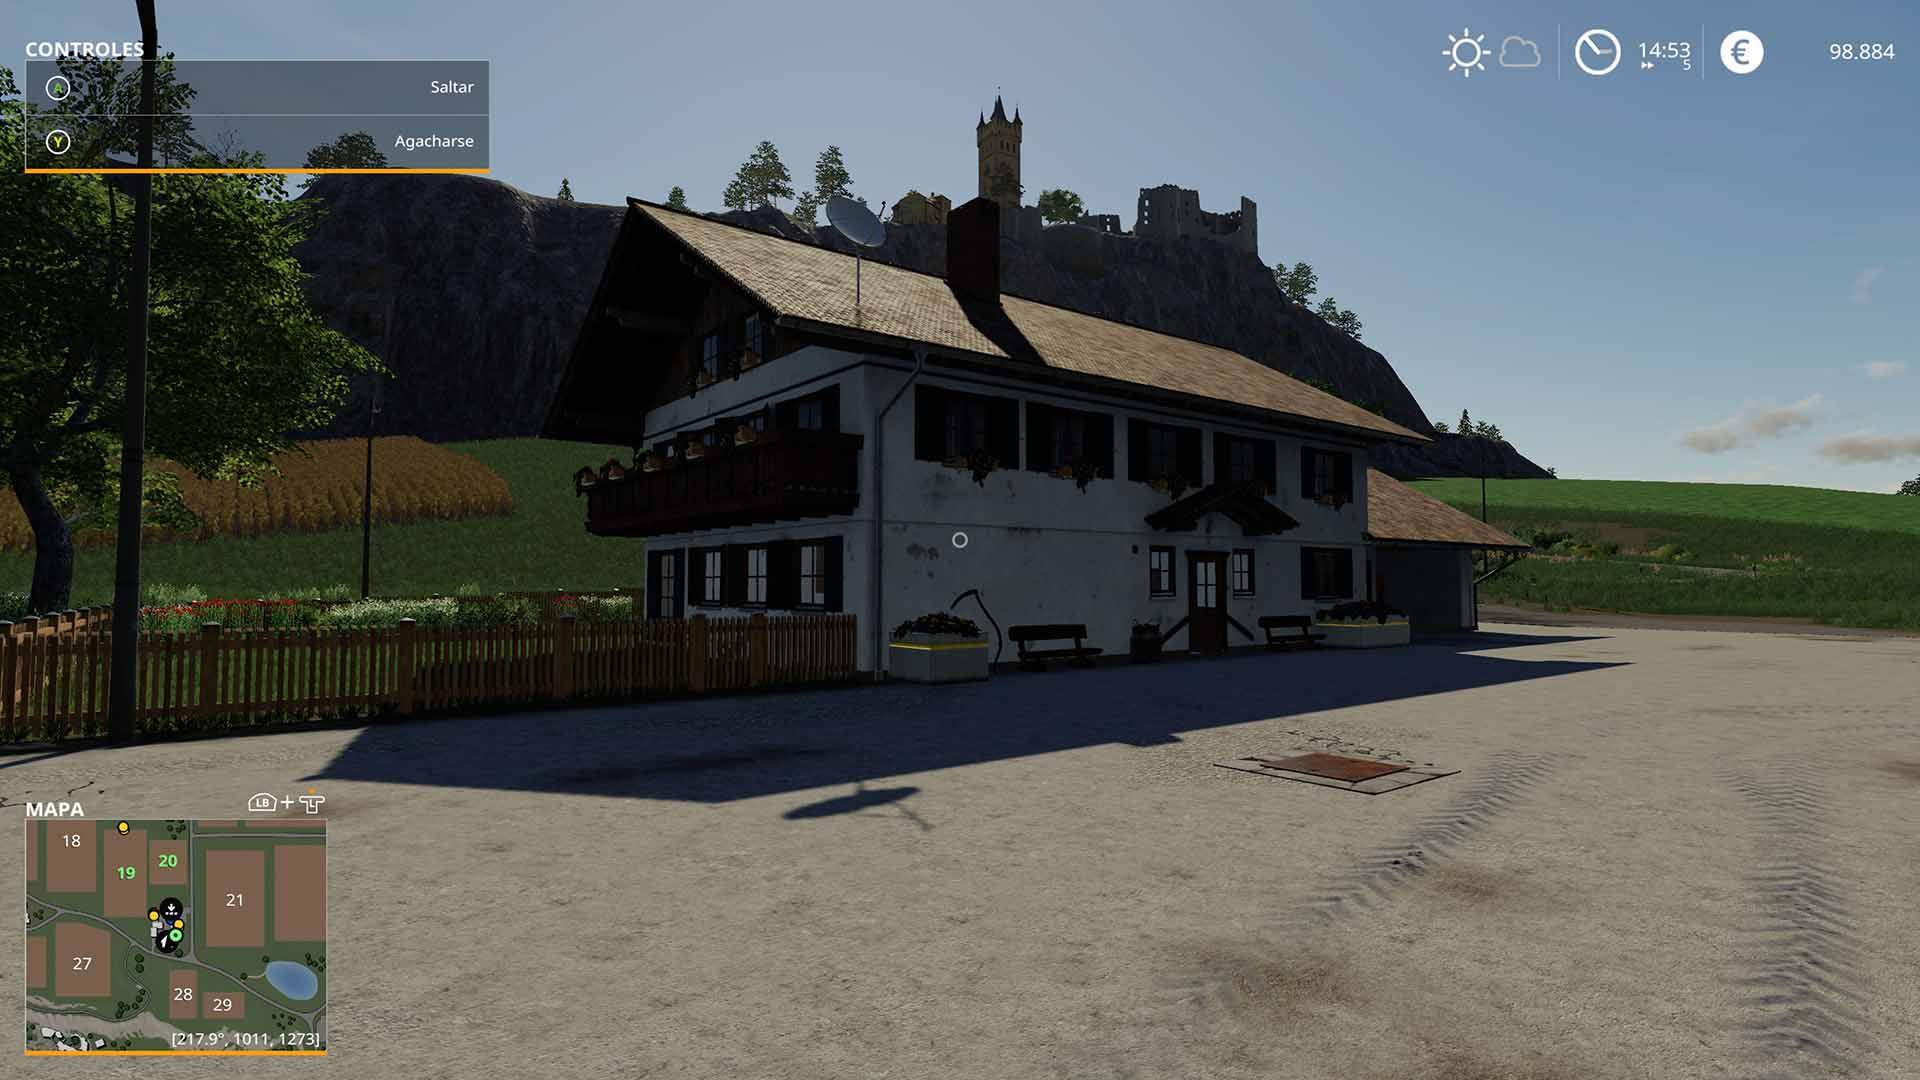 Análisis de Farming Simulator 19 - Xbox One 1